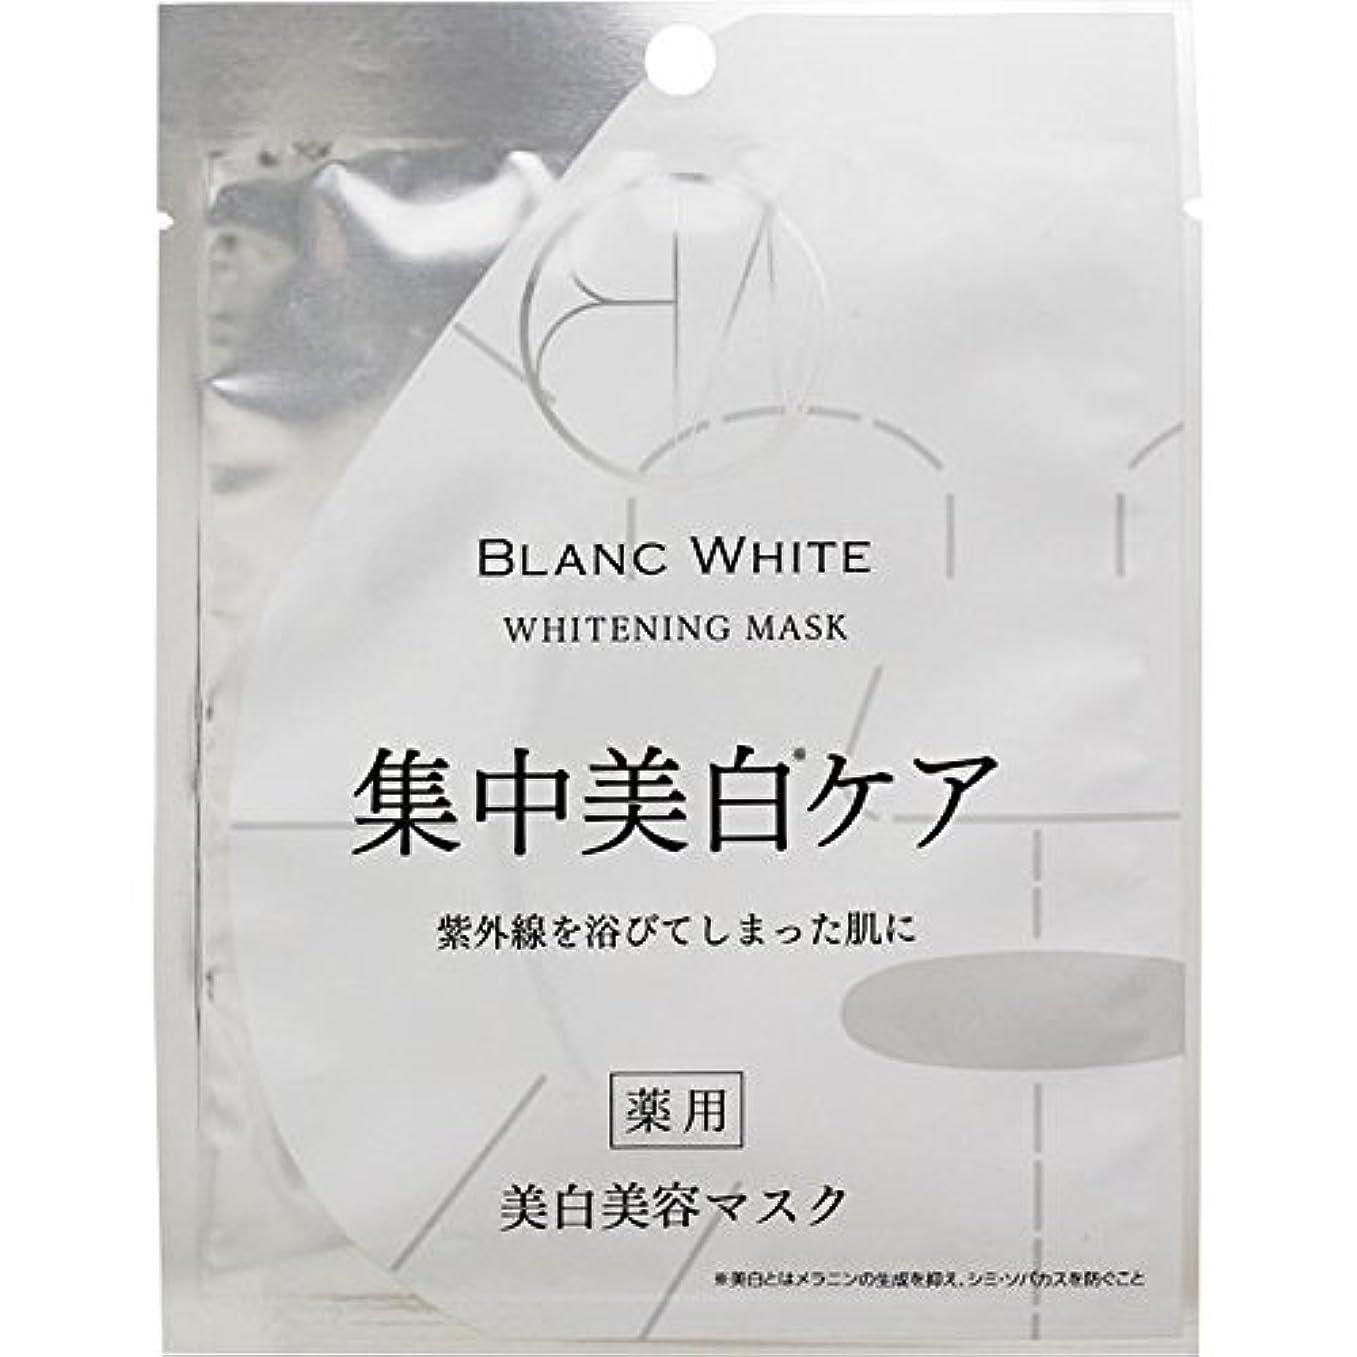 制限操る腸ブランホワイト ホワイトニングマスク 1枚【21ml】 (医薬部外品)